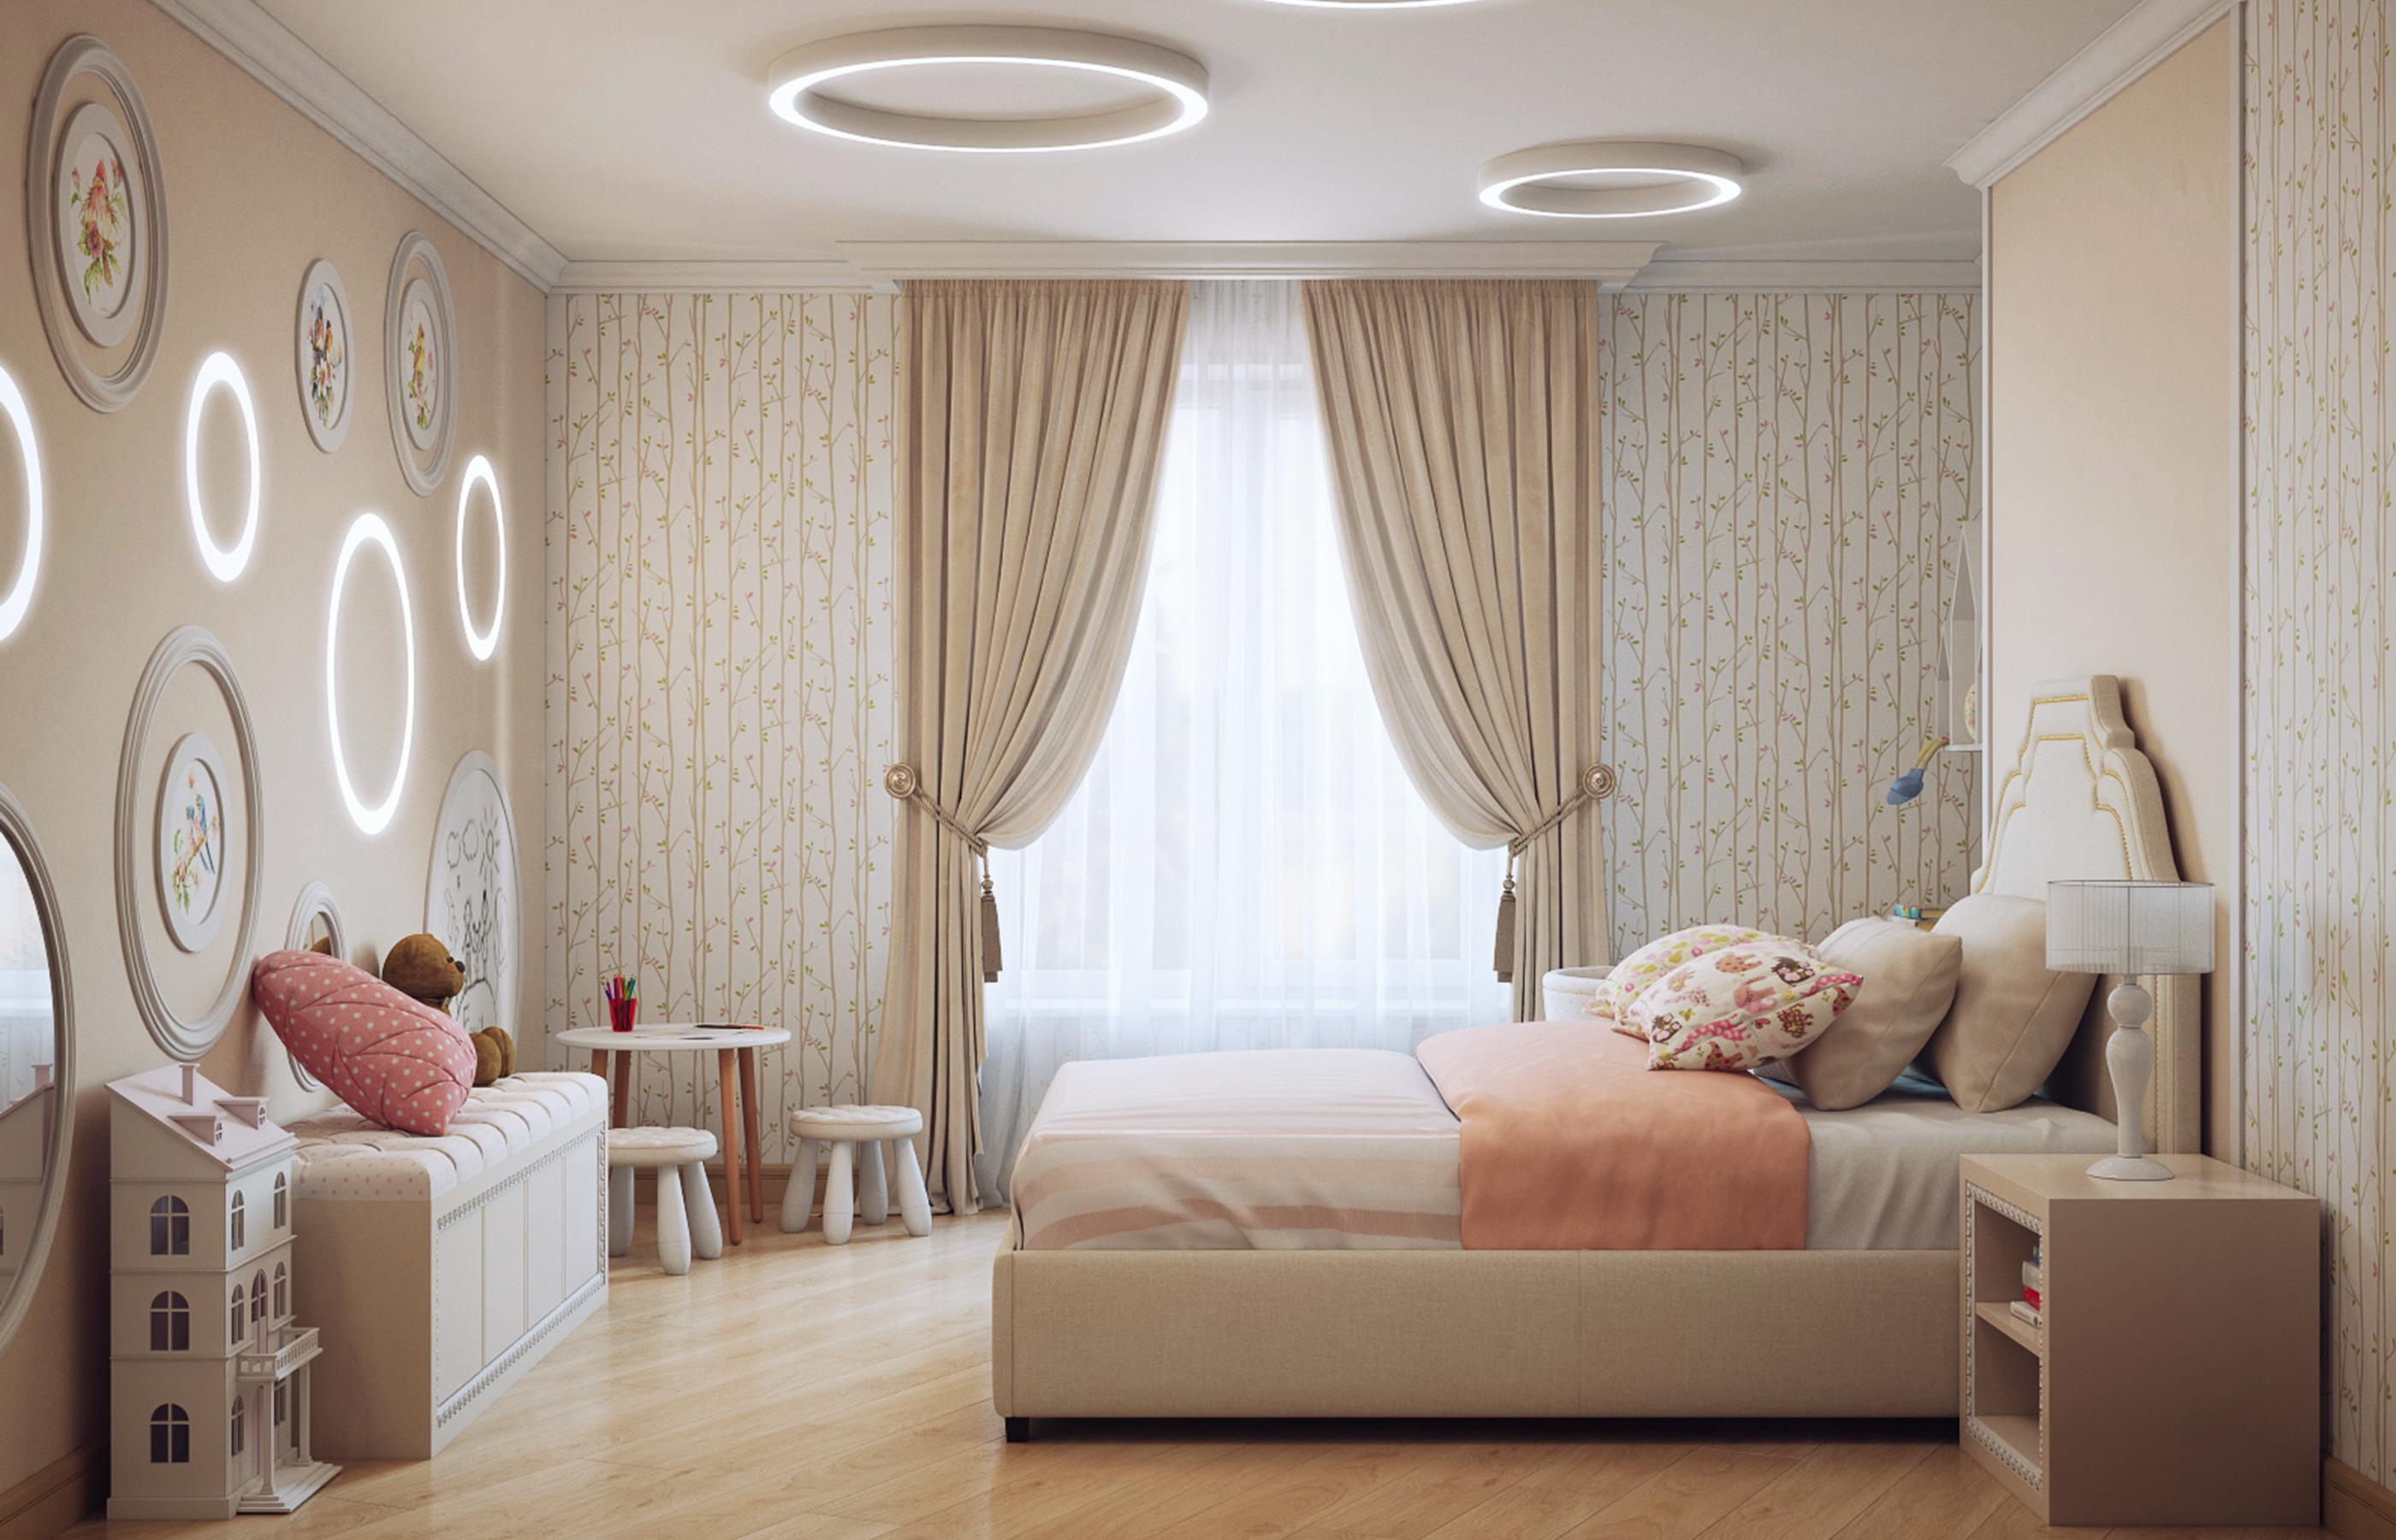 Дизайн интерьера комнаты девочки